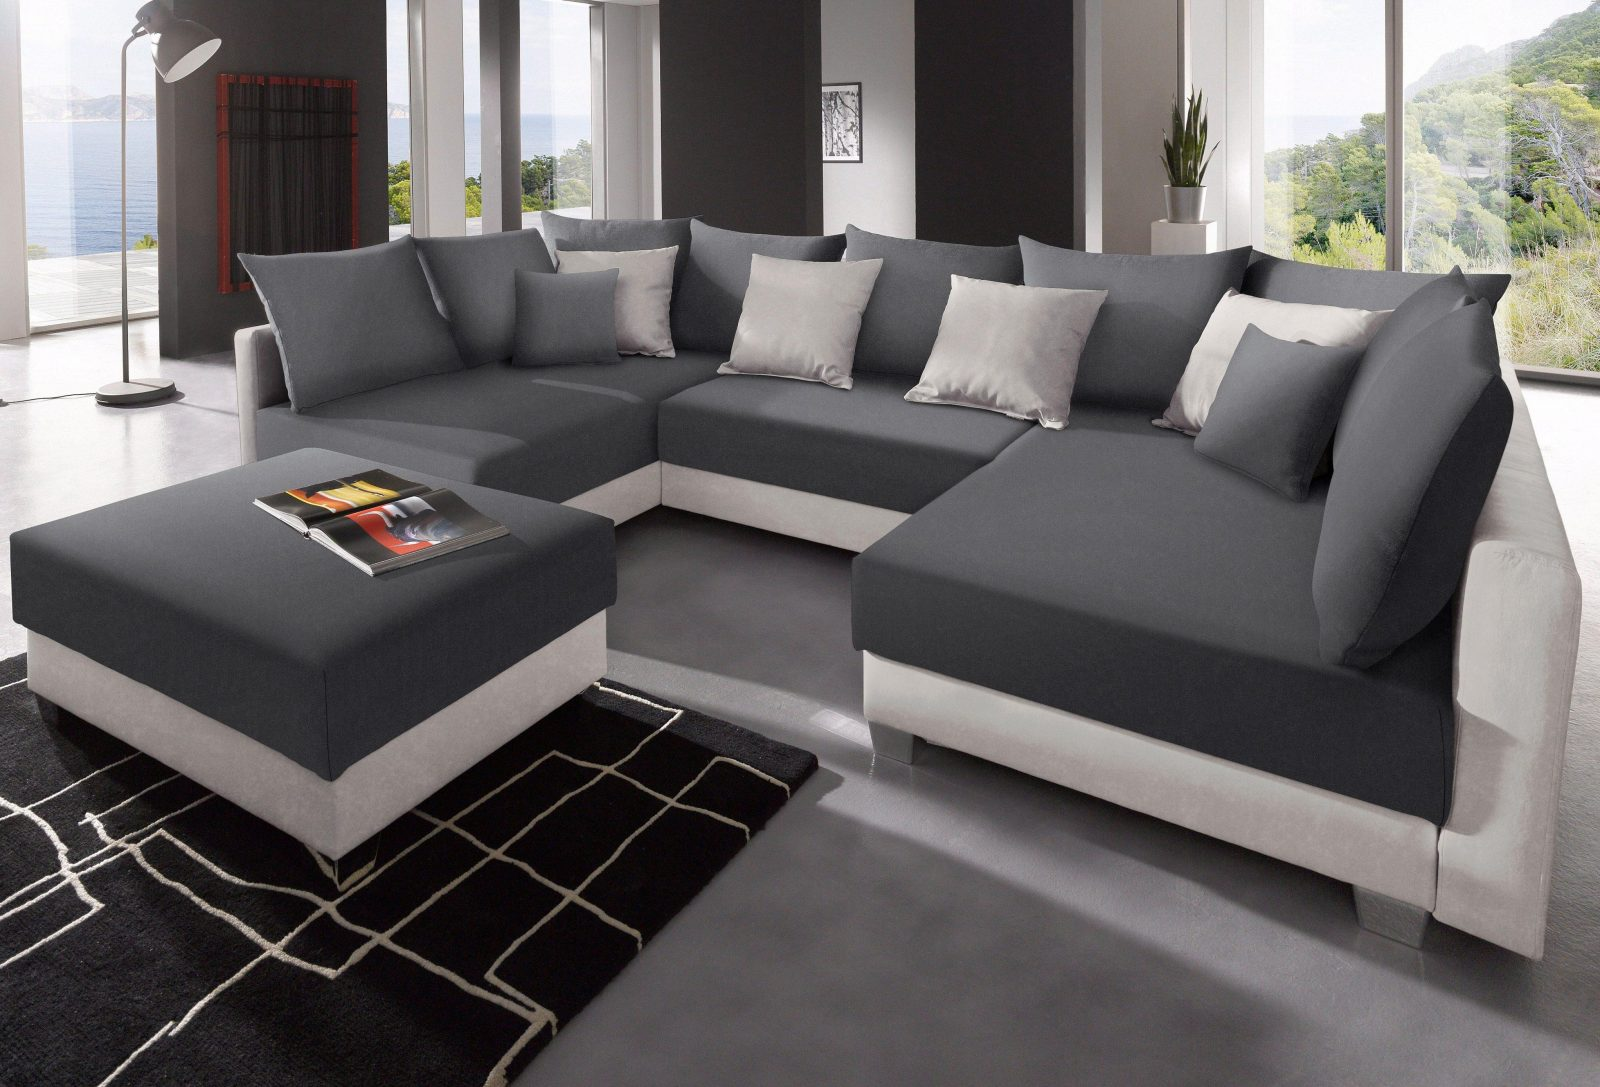 Wohnlandschaft U Mit Schlaffunktion Ikea Sofa – Deltafusionstockton von Ikea Wohnlandschaft Mit Schlaffunktion Photo